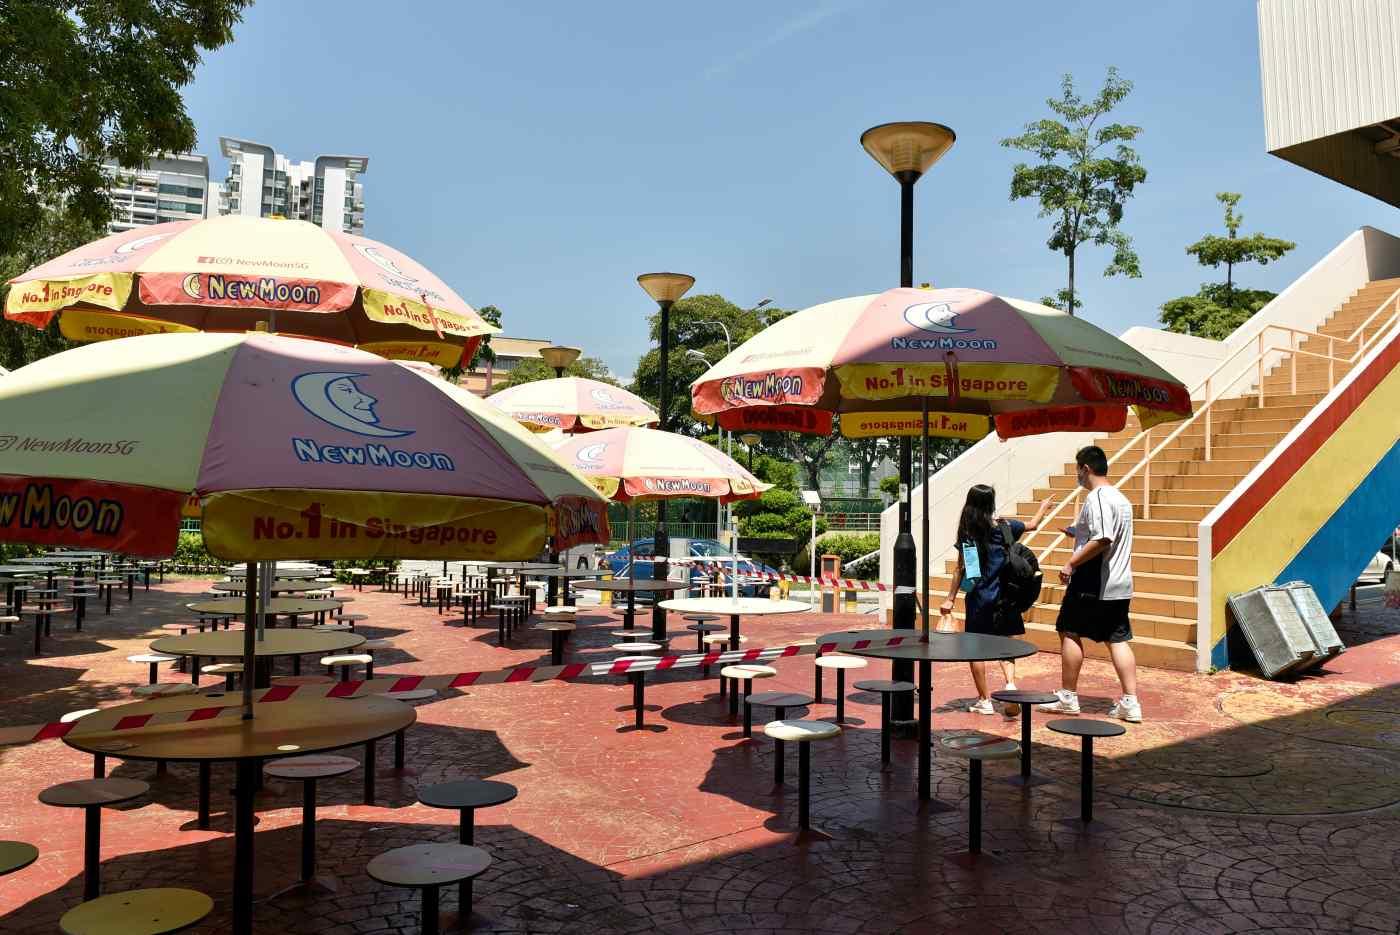 Mọi người đi ngang qua một khu ẩm thực vắng vẻ ở Singapore: Chính quyền thành phố gần đây đã thắt chặt các yêu cầu về cách xa xã hội sau khi bùng phát các trường hợp COVID-19. © Reuters